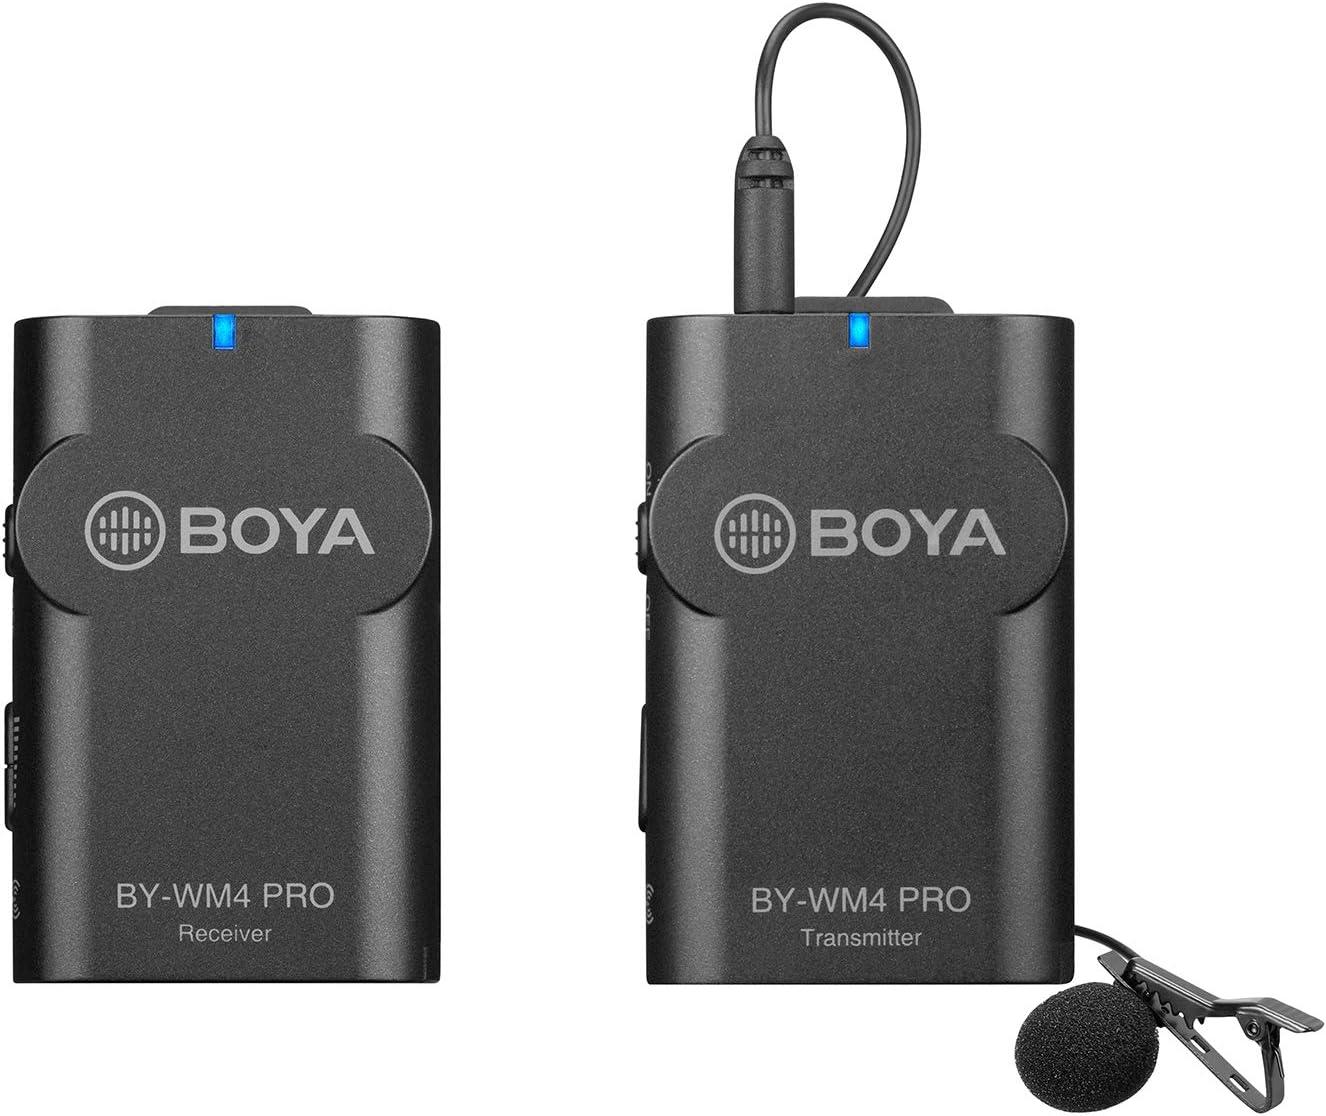 BOYA by-WM4 Pro K1 2.4G Sistema de micrófono inalámbrico (un transmisor + un Receptor) con Funda rígida Compatible con cámara DSLR Camcorder, Smartphone, PC, Tableta, entrevista de grabación de Audio